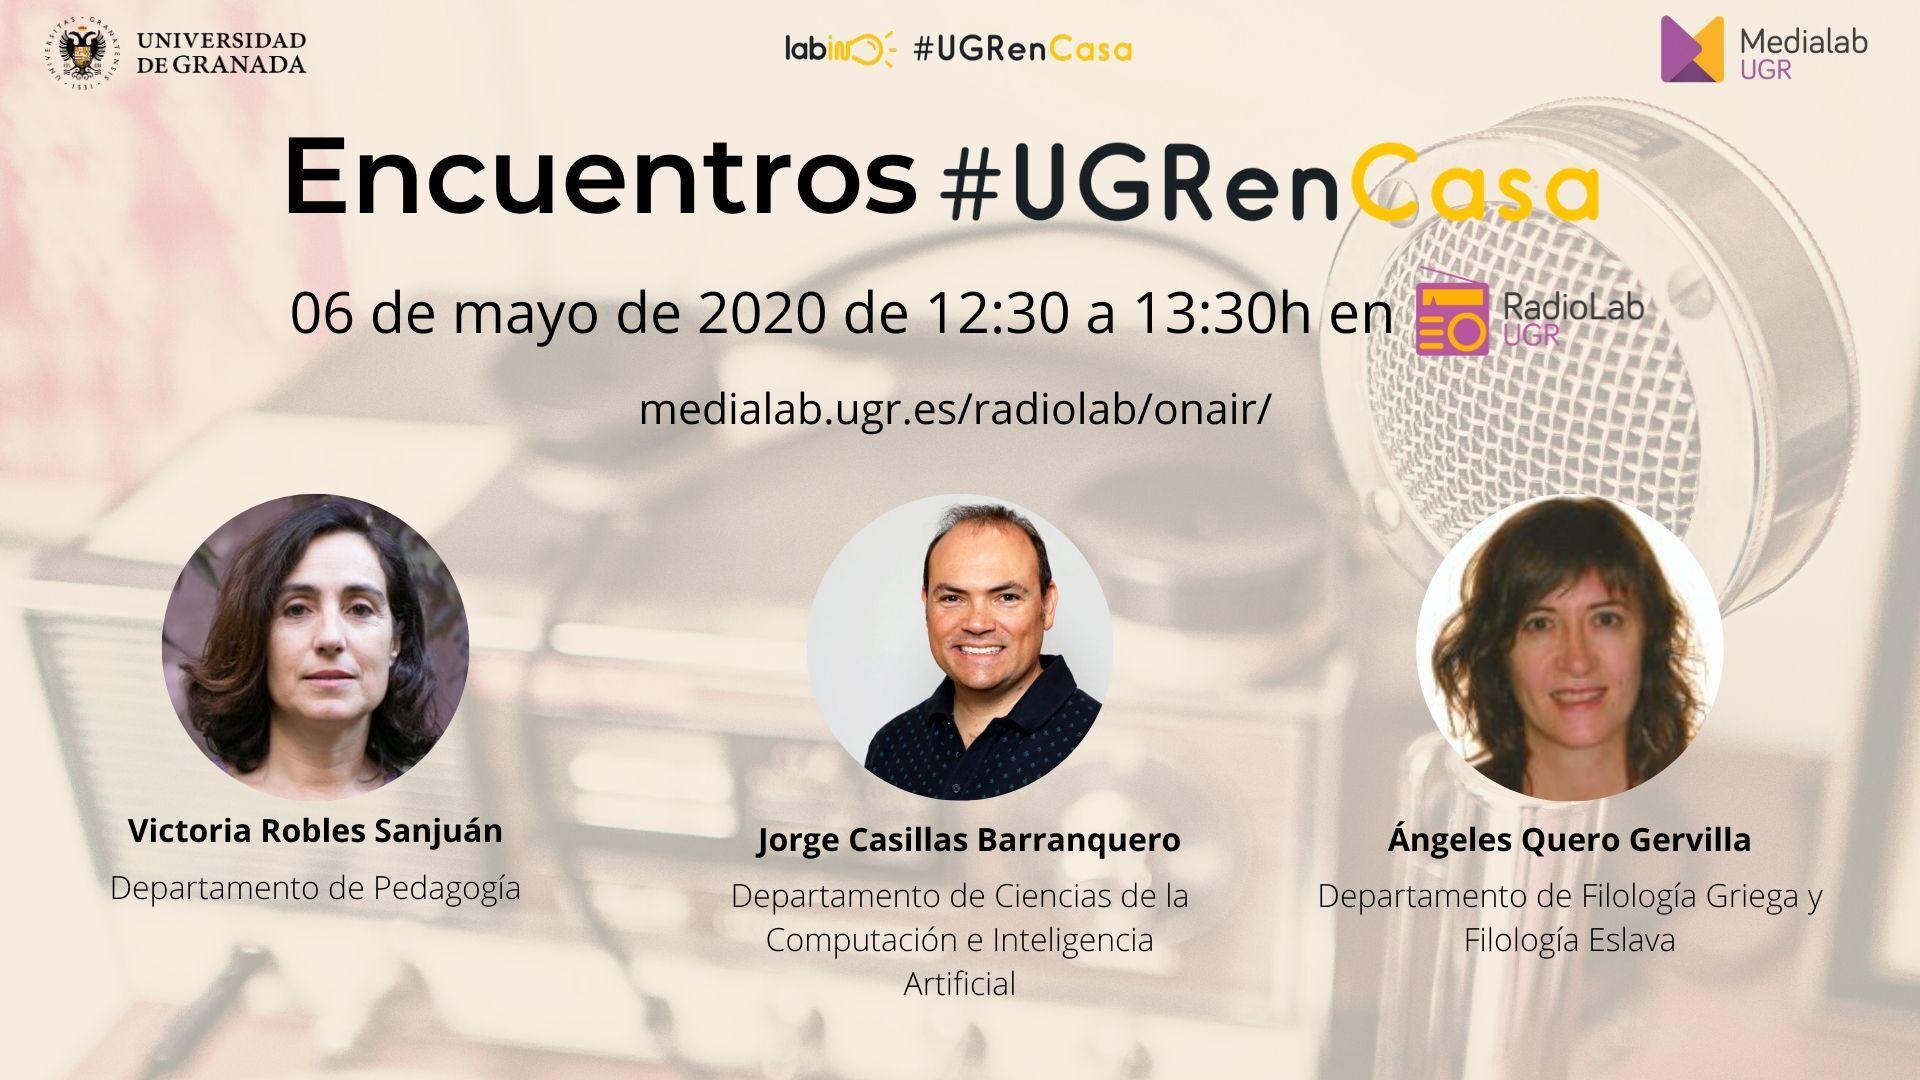 Encuentros Radiolab: #UGRenCasa 09